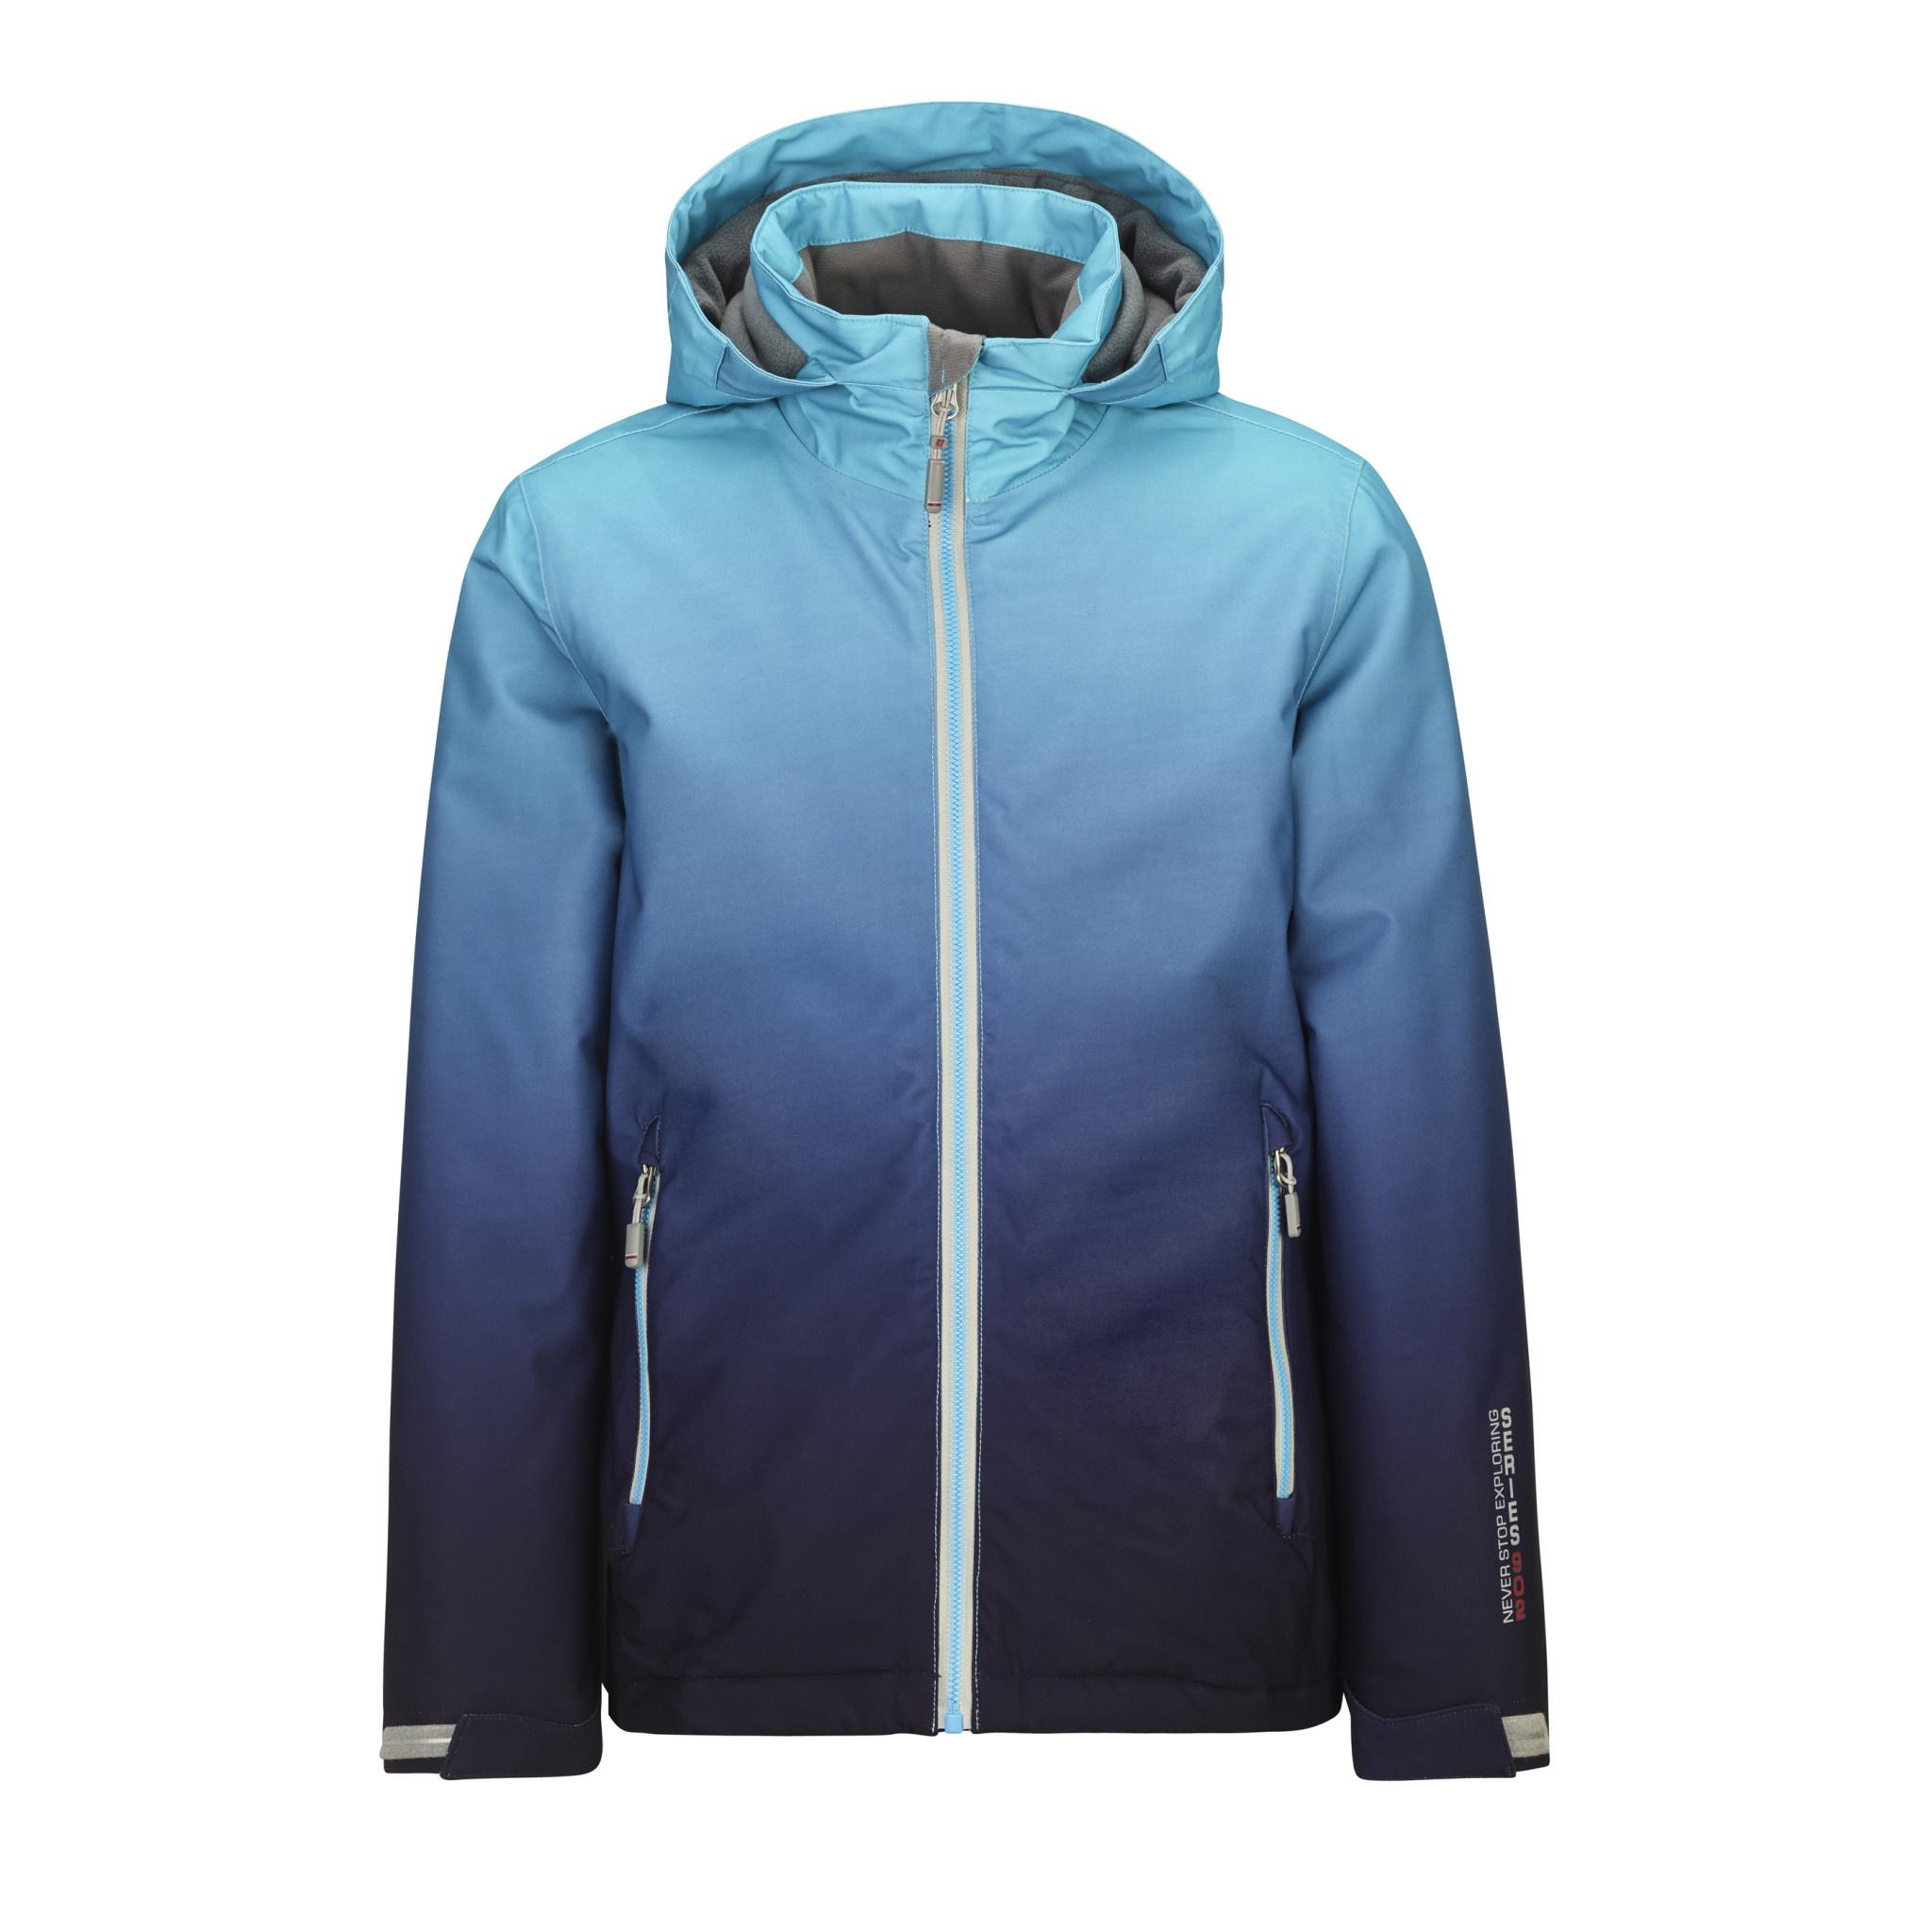 Killtec Girls Grenda Ski Jacket